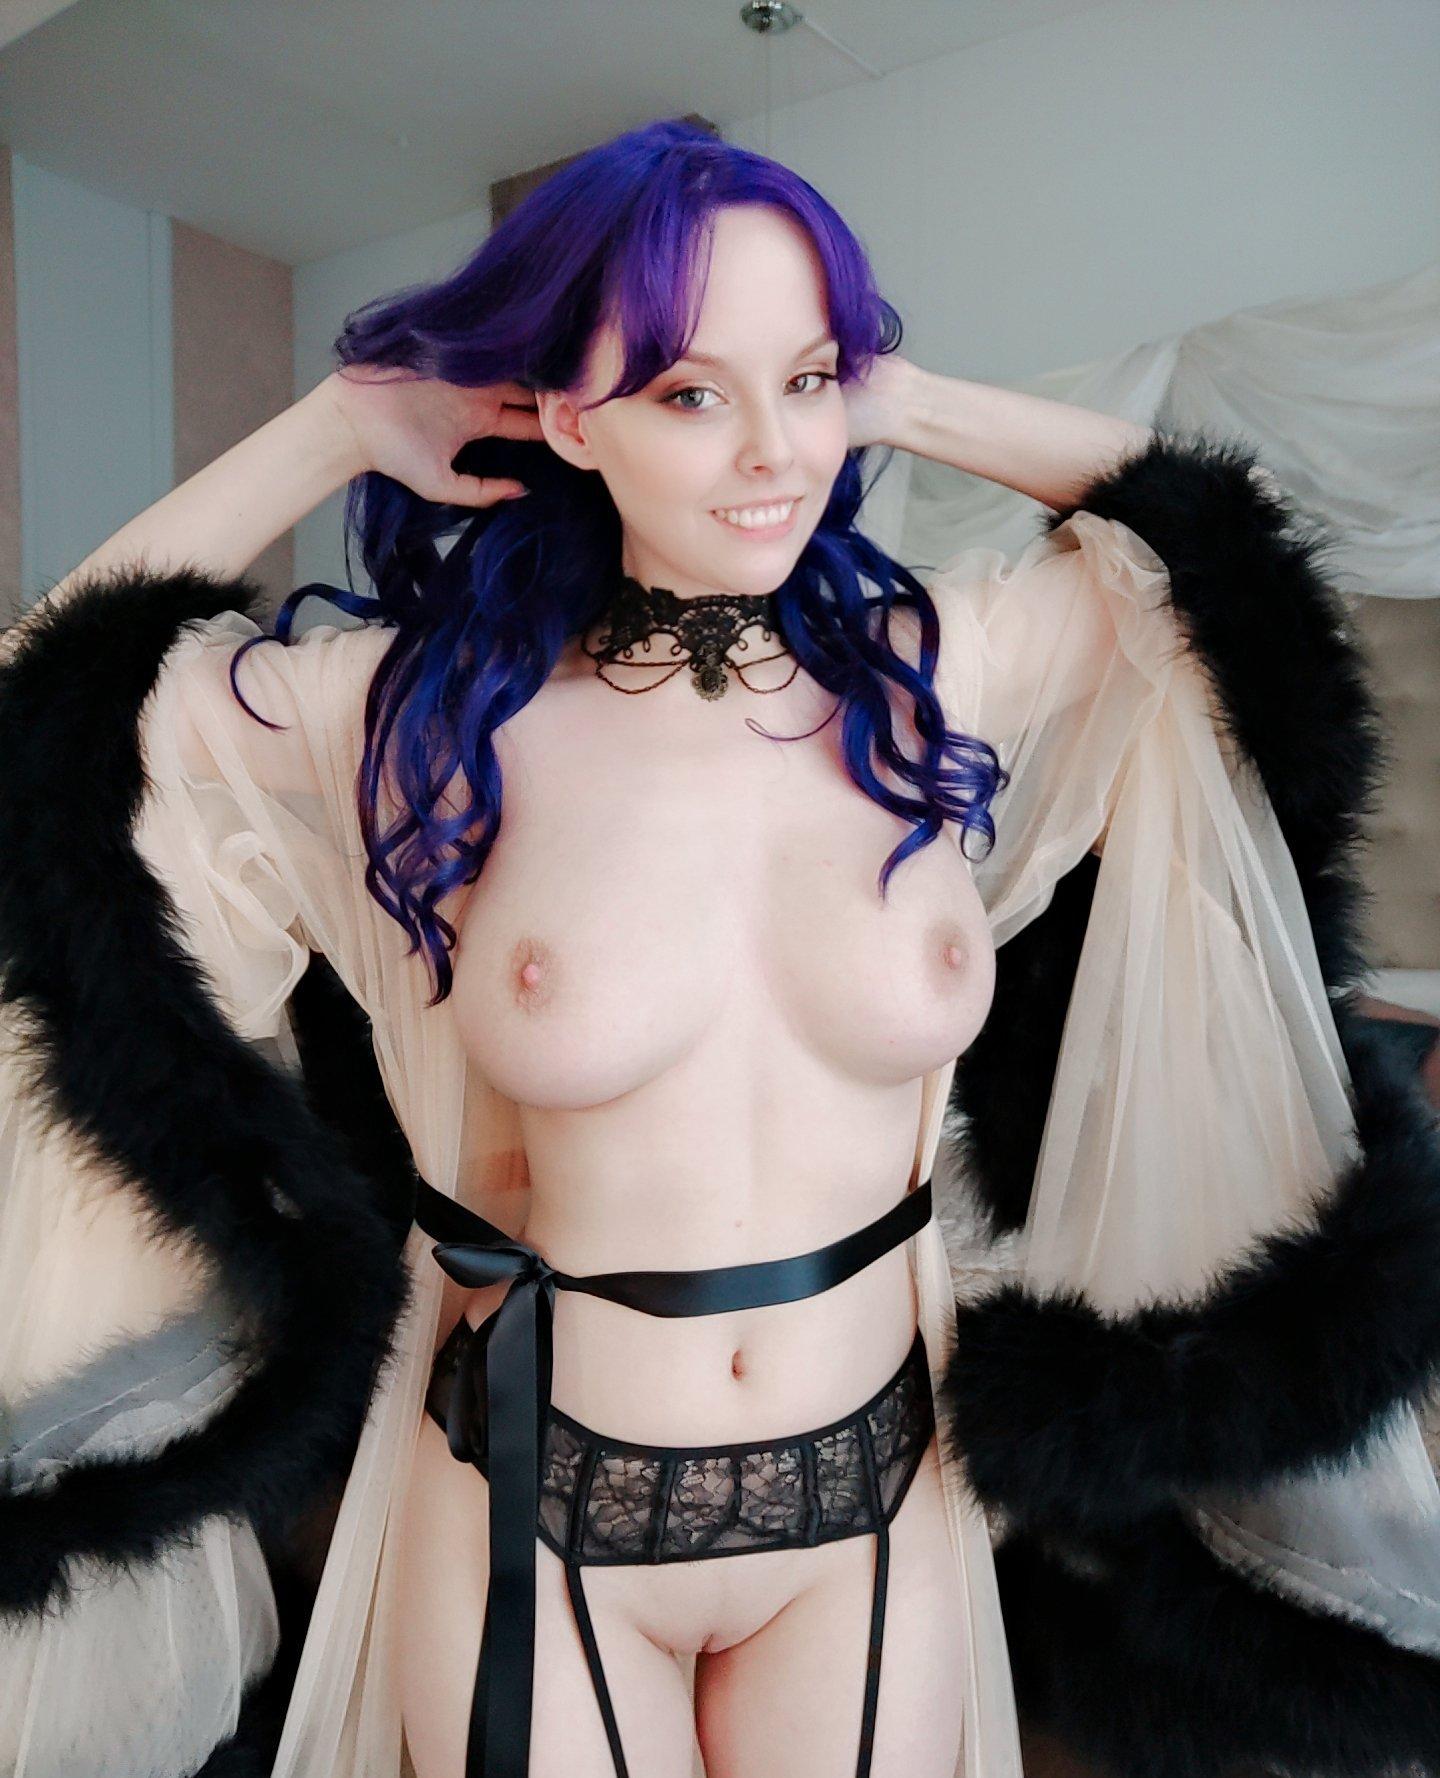 Helly Von Valentine Patreon Nude Leaks 0012